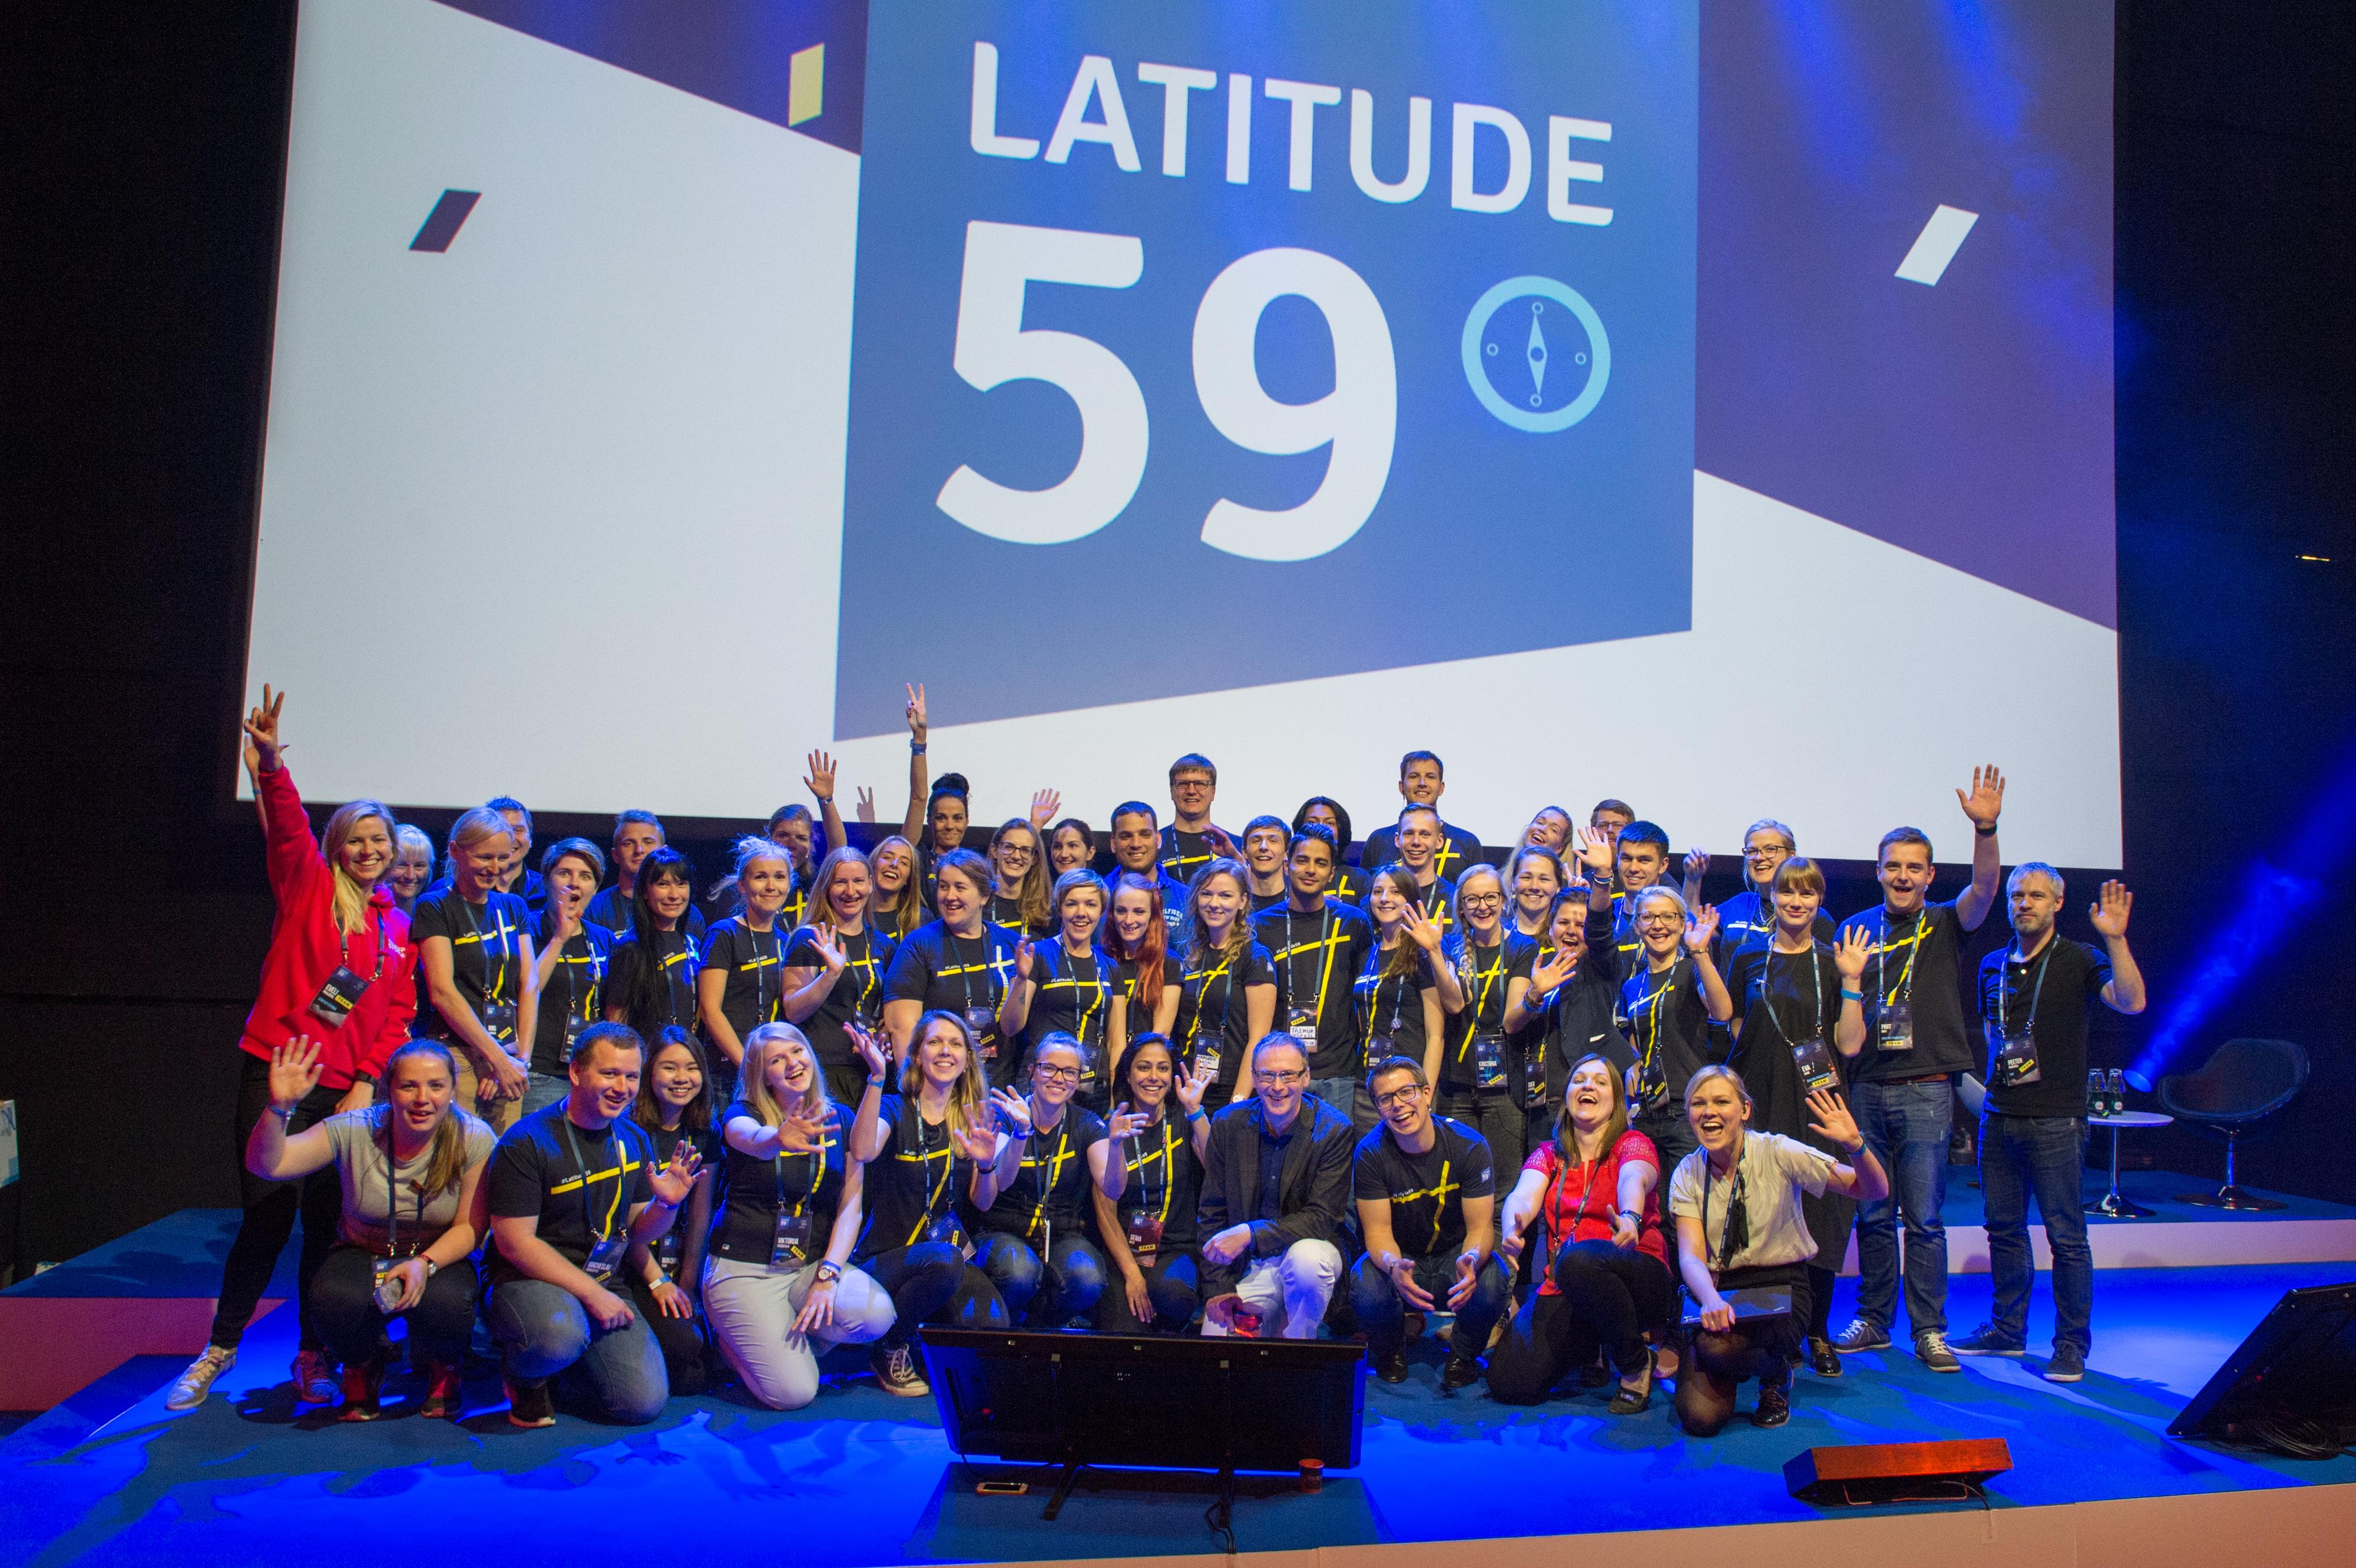 Latitude 59